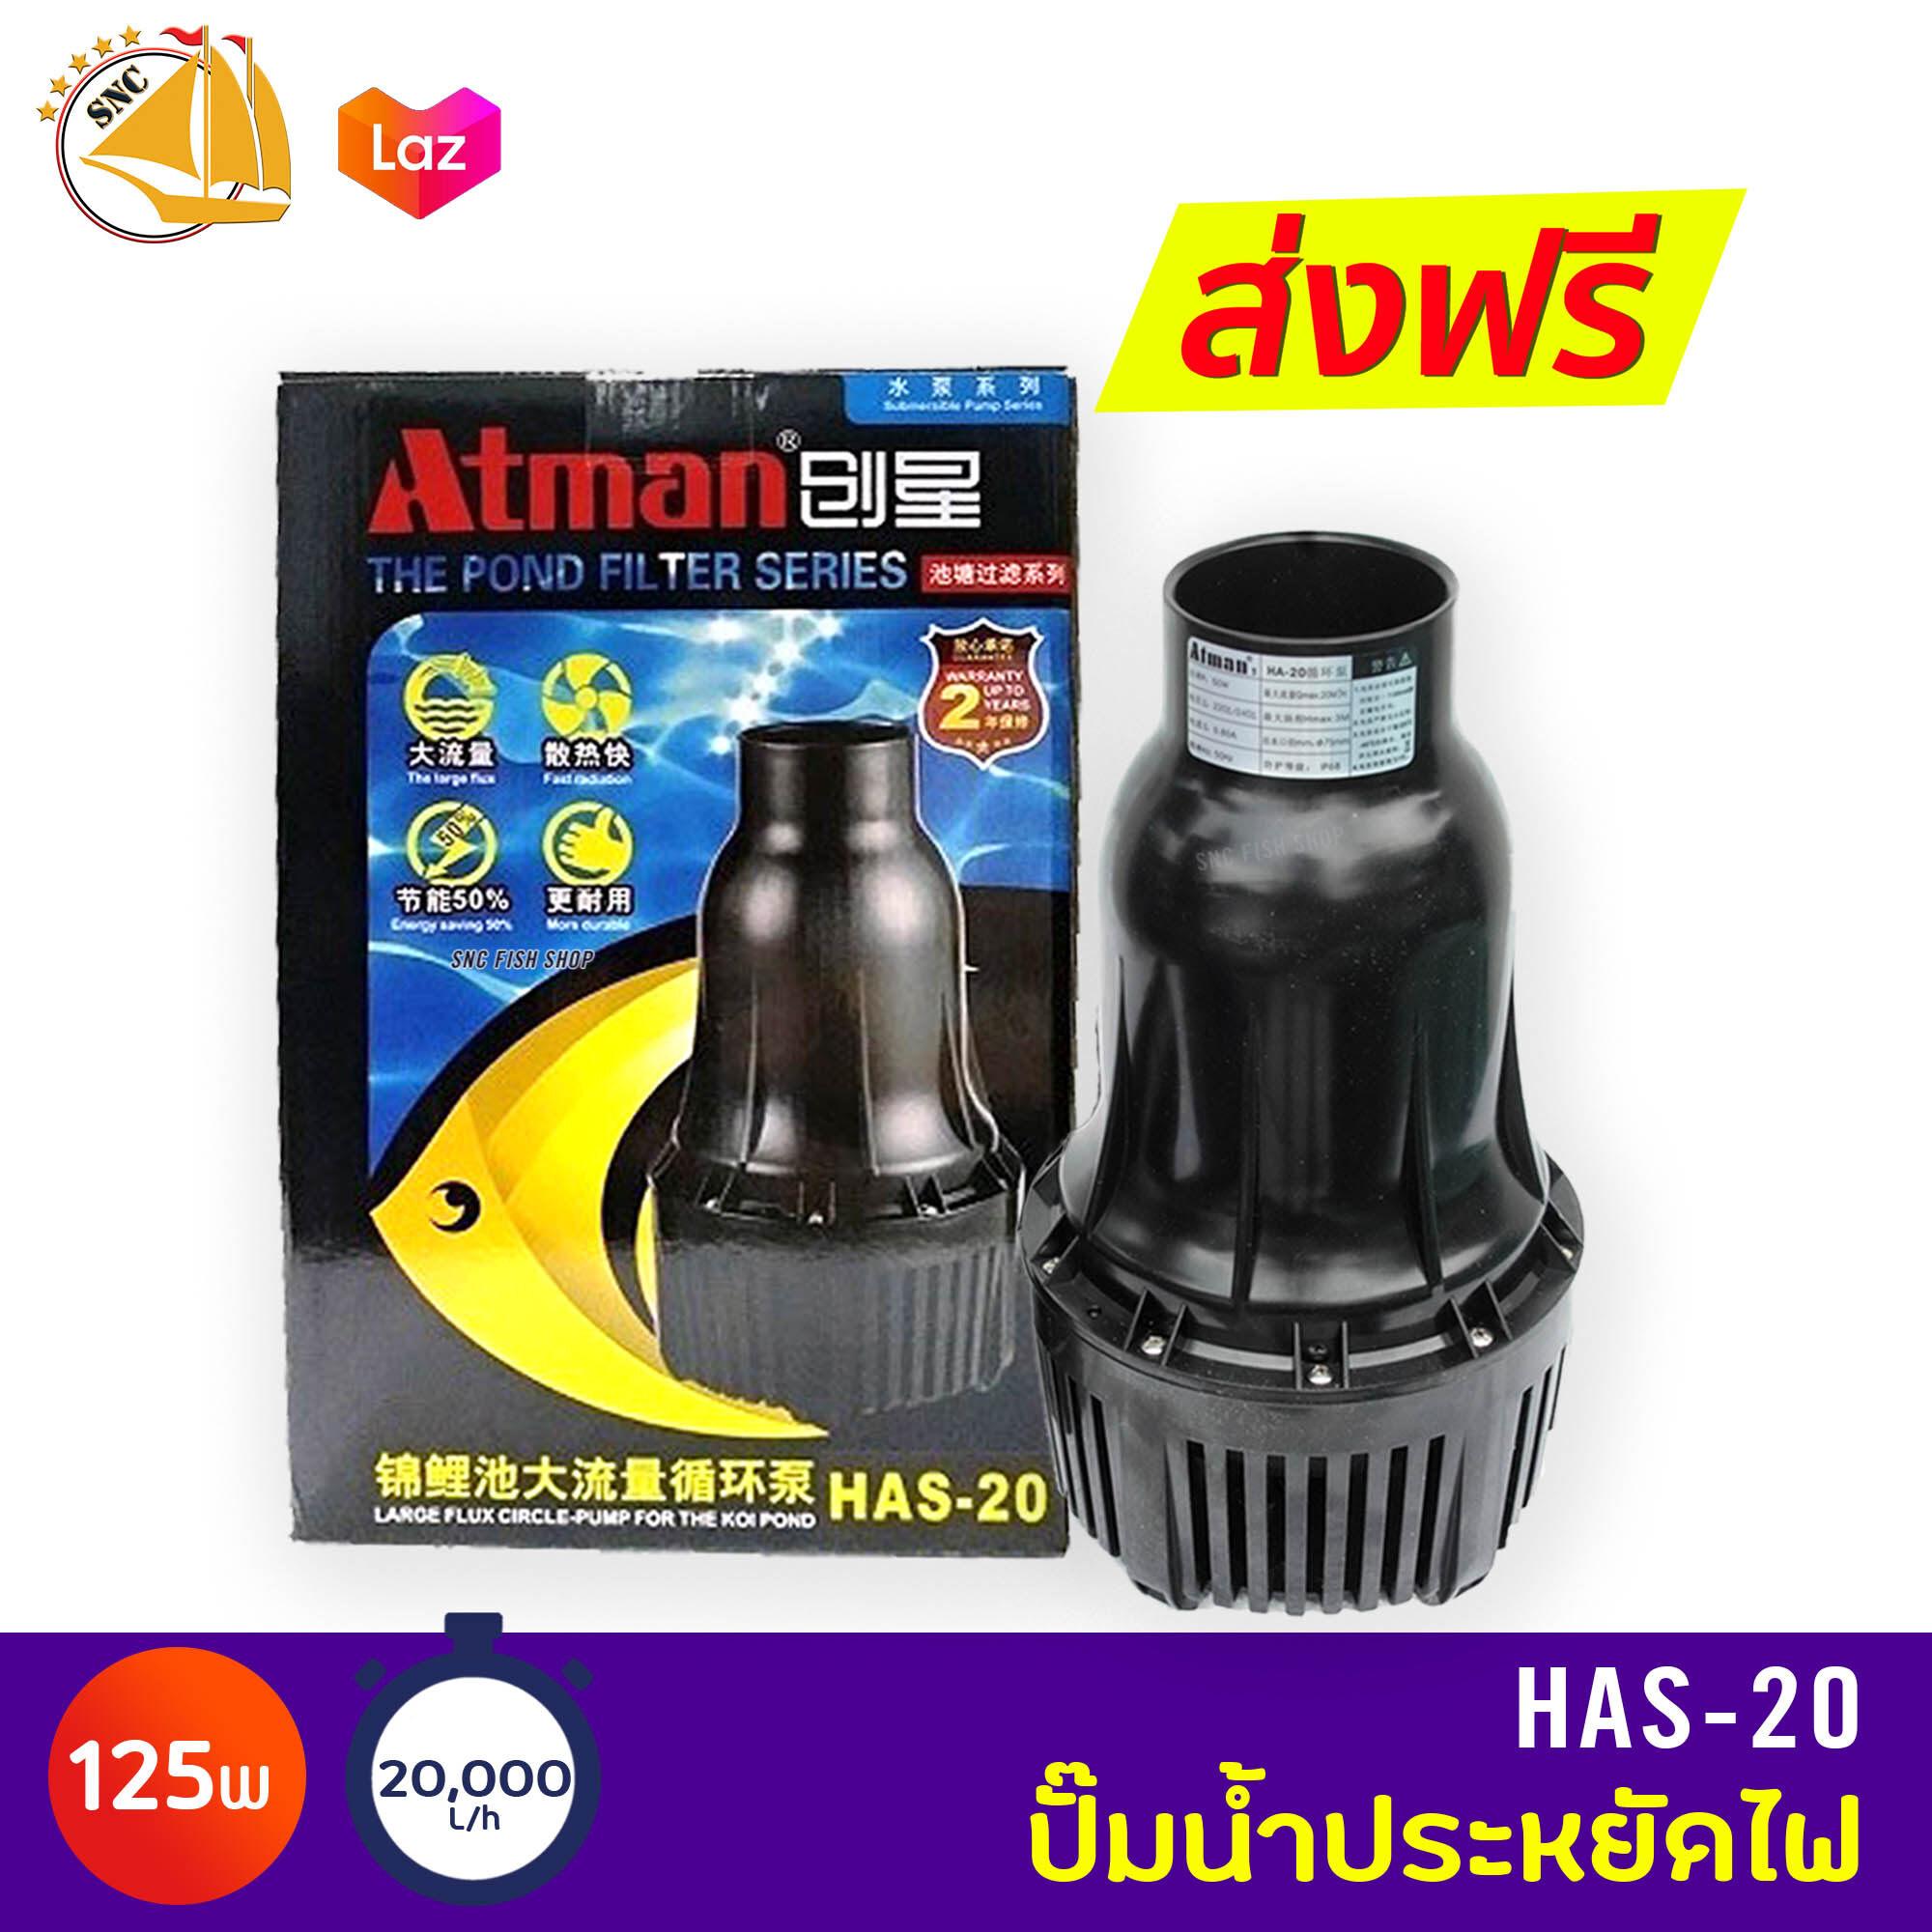 Atman HAS-20 ปั๊มน้ำประหยัดไฟ 20000 ลิตร/ชั่วโมง กำลังไฟ125W HAS20 ECO PUMP ปั้มน้ำ ปั๊มแช่ ปั๊มน้ำพุ